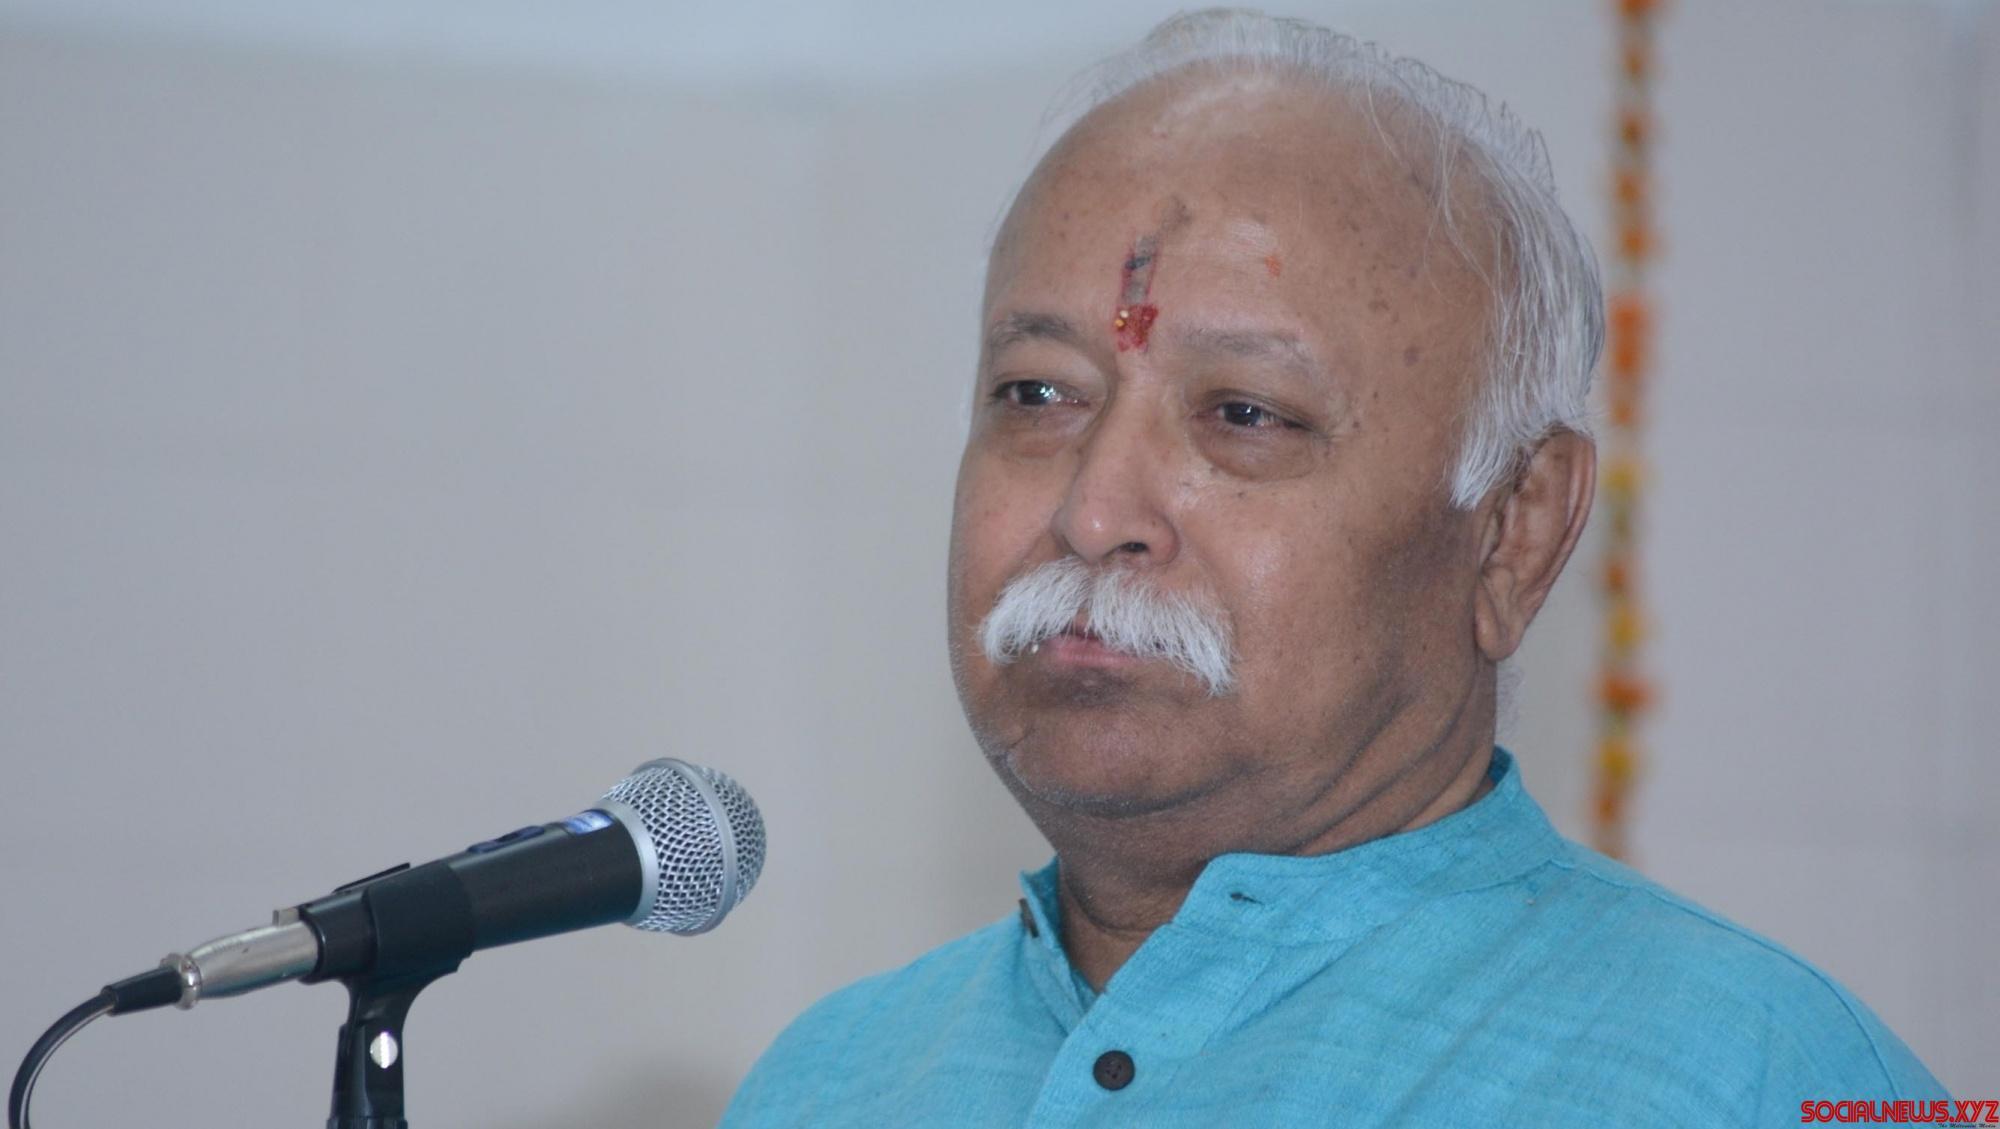 RSS meet begins in Prayagraj, Yogi joins in